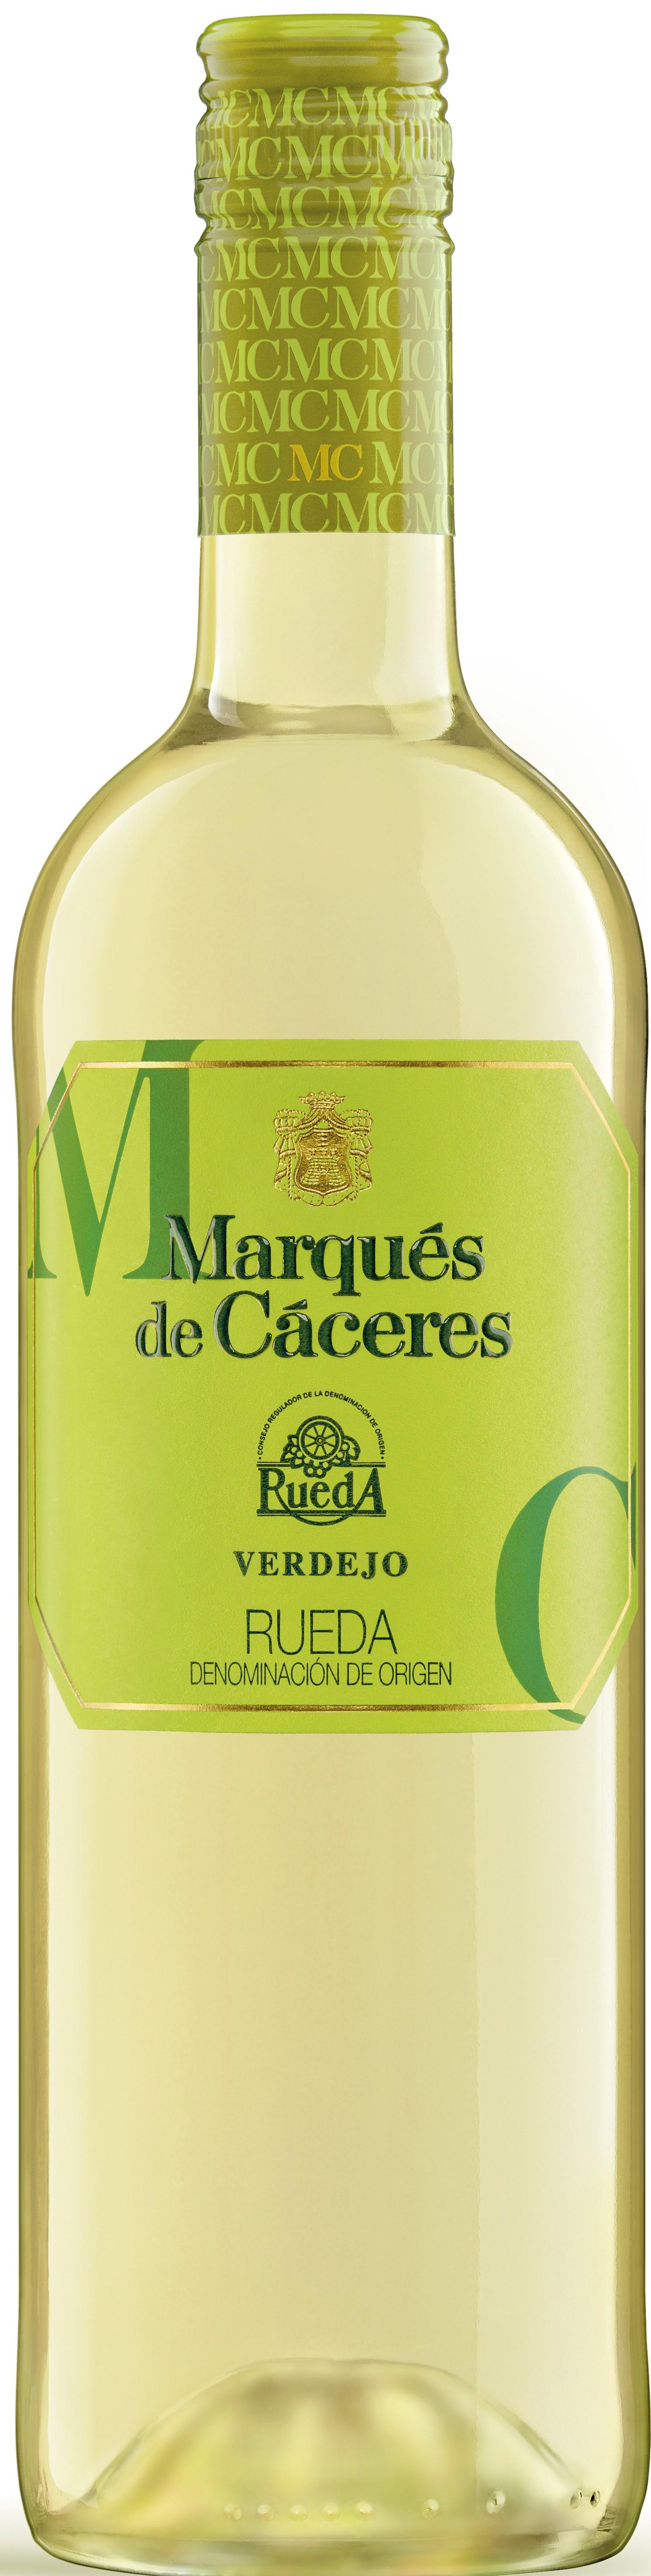 2015 Verdejo Marques de Caceres Rueda D.O.